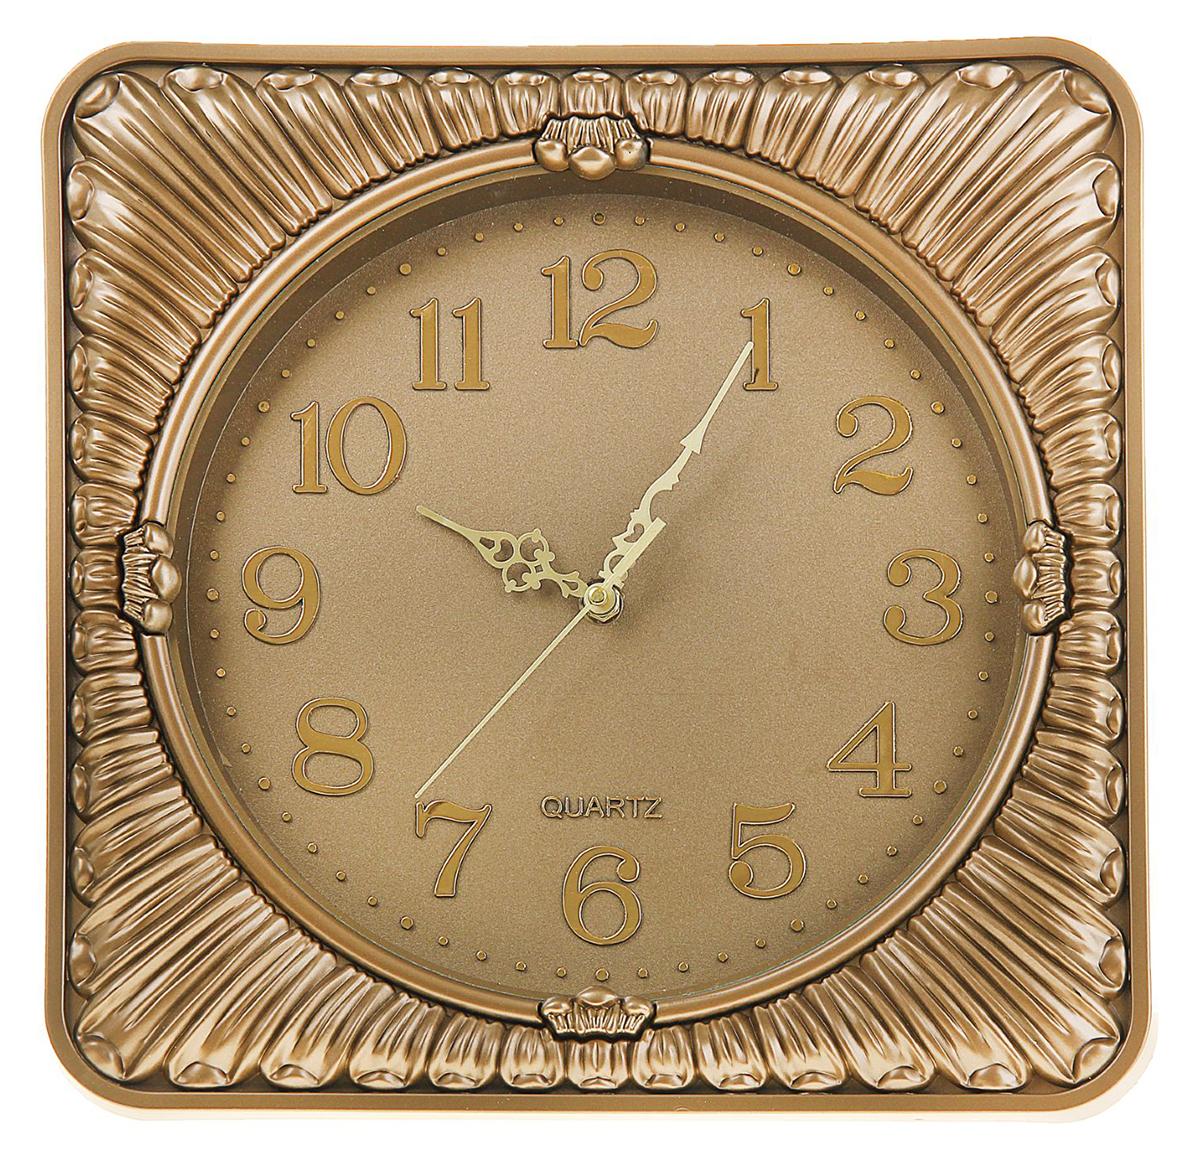 Часы настенные Сумрак, цвет: золото, 35 х 35 см1205545Каждому хозяину периодически приходит мысль обновить свою квартиру, сделать ремонт, перестановку или кардинально поменять внешний вид каждой комнаты. Часы настенные Серия Сумрак. Лепестки, квадратные с закругленными углами, 35 ? 35 см, золотистые — привлекательная деталь, которая поможет воплотить вашу интерьерную идею, создать неповторимую атмосферу в вашем доме. Окружите себя приятными мелочами, пусть они радуют глаз и дарят гармонию.Часы настенные серия Сумрак, квадрат с круг углами, рама золото темное полосы 35х35см 1205545